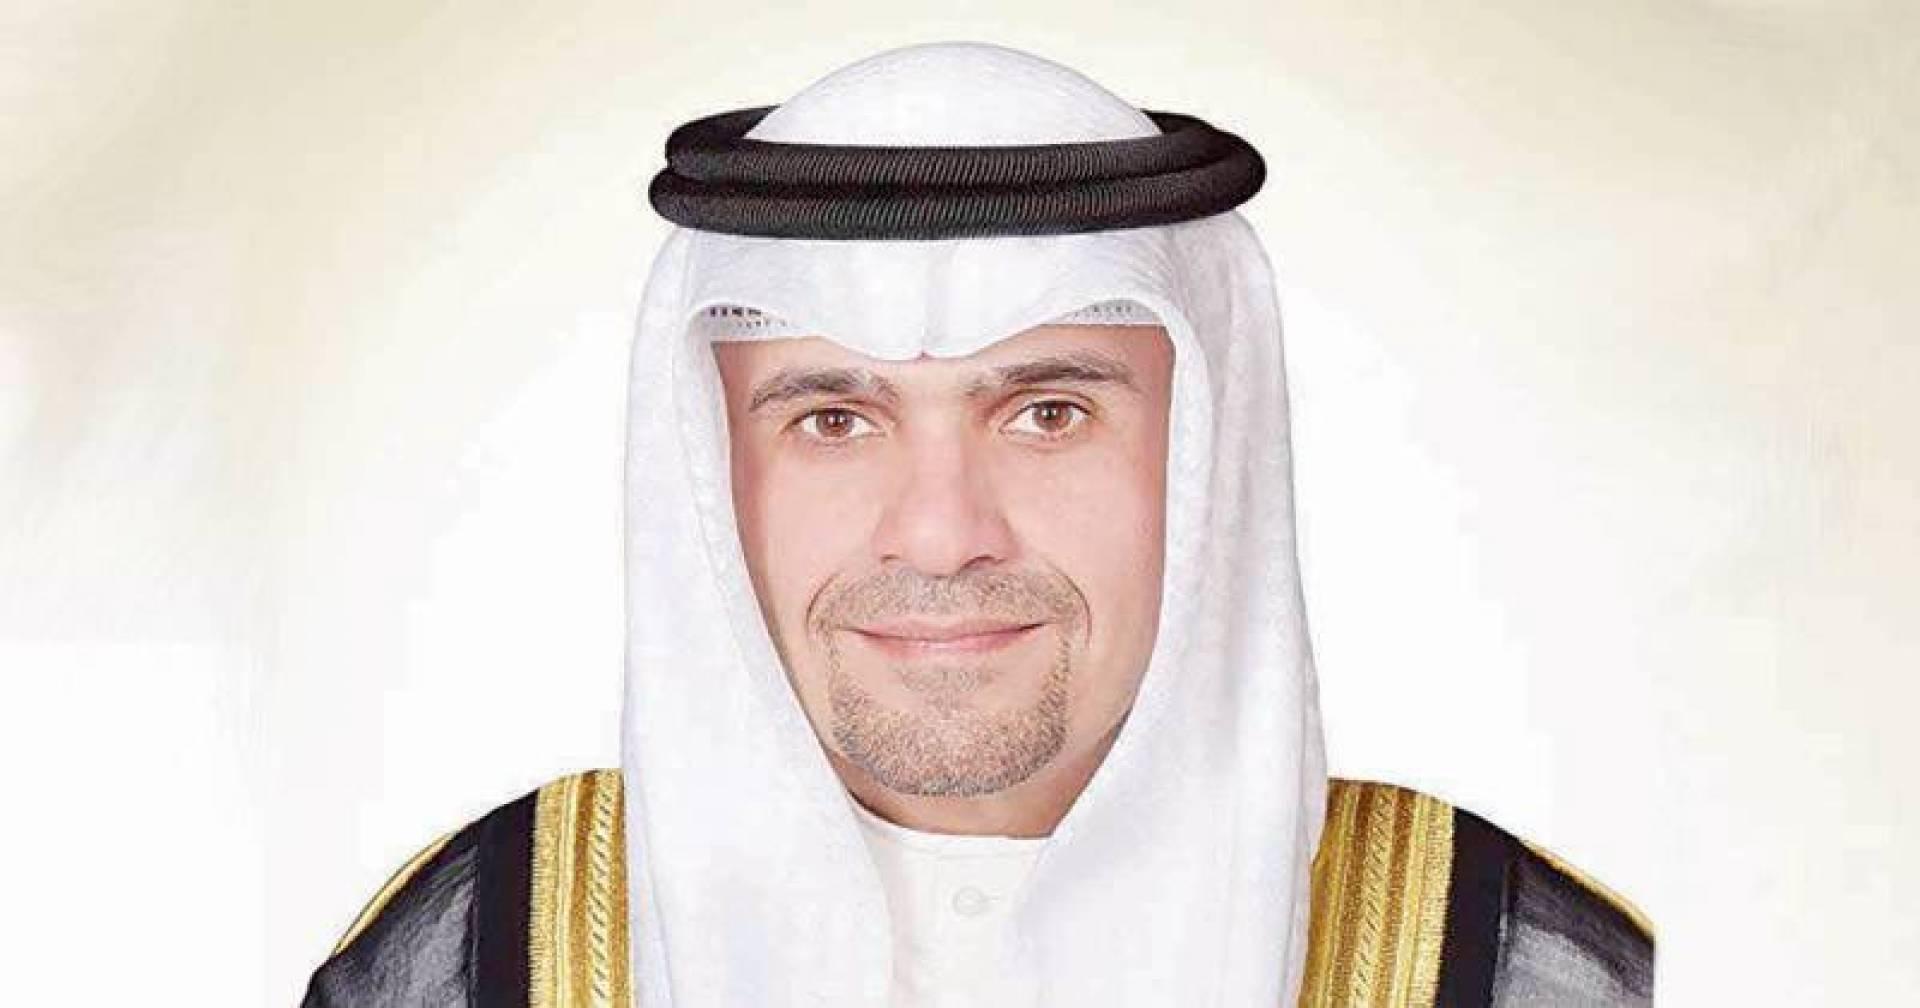 أنس الصالح: إحالة 5 مناقصات تخص وزارة الداخلية للنيابة العامة